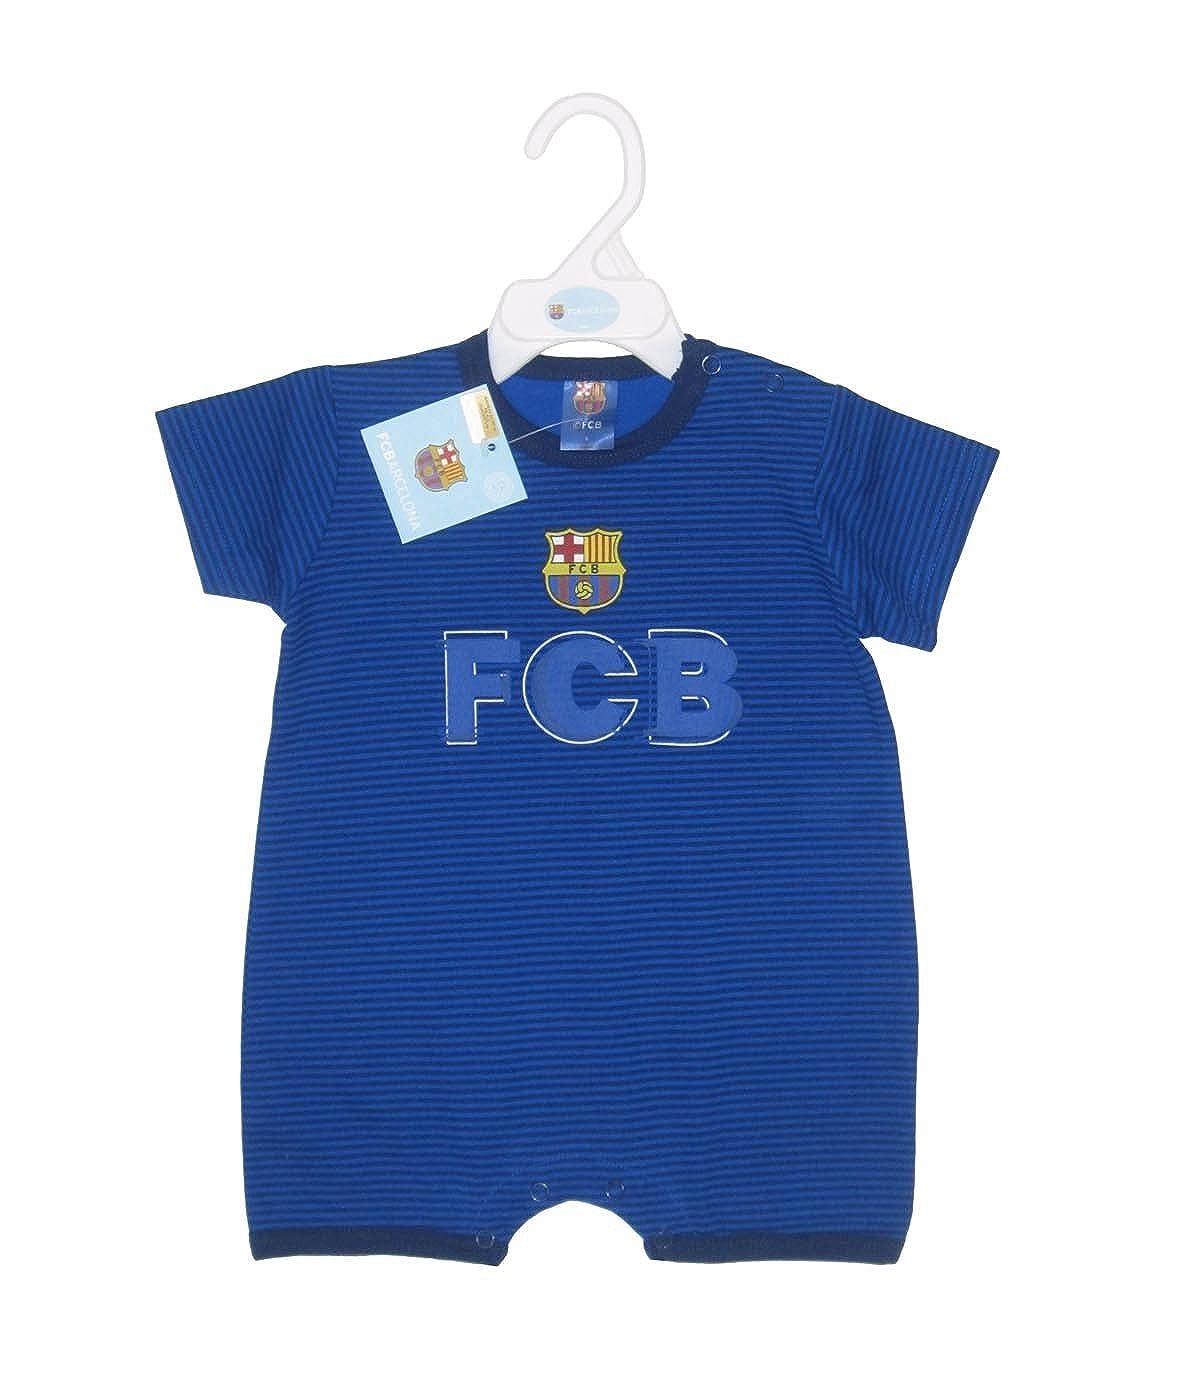 F.C.BARCELONA - Pelele Barça, Color Azul, Talla 18 Meses: Amazon.es: Ropa y accesorios